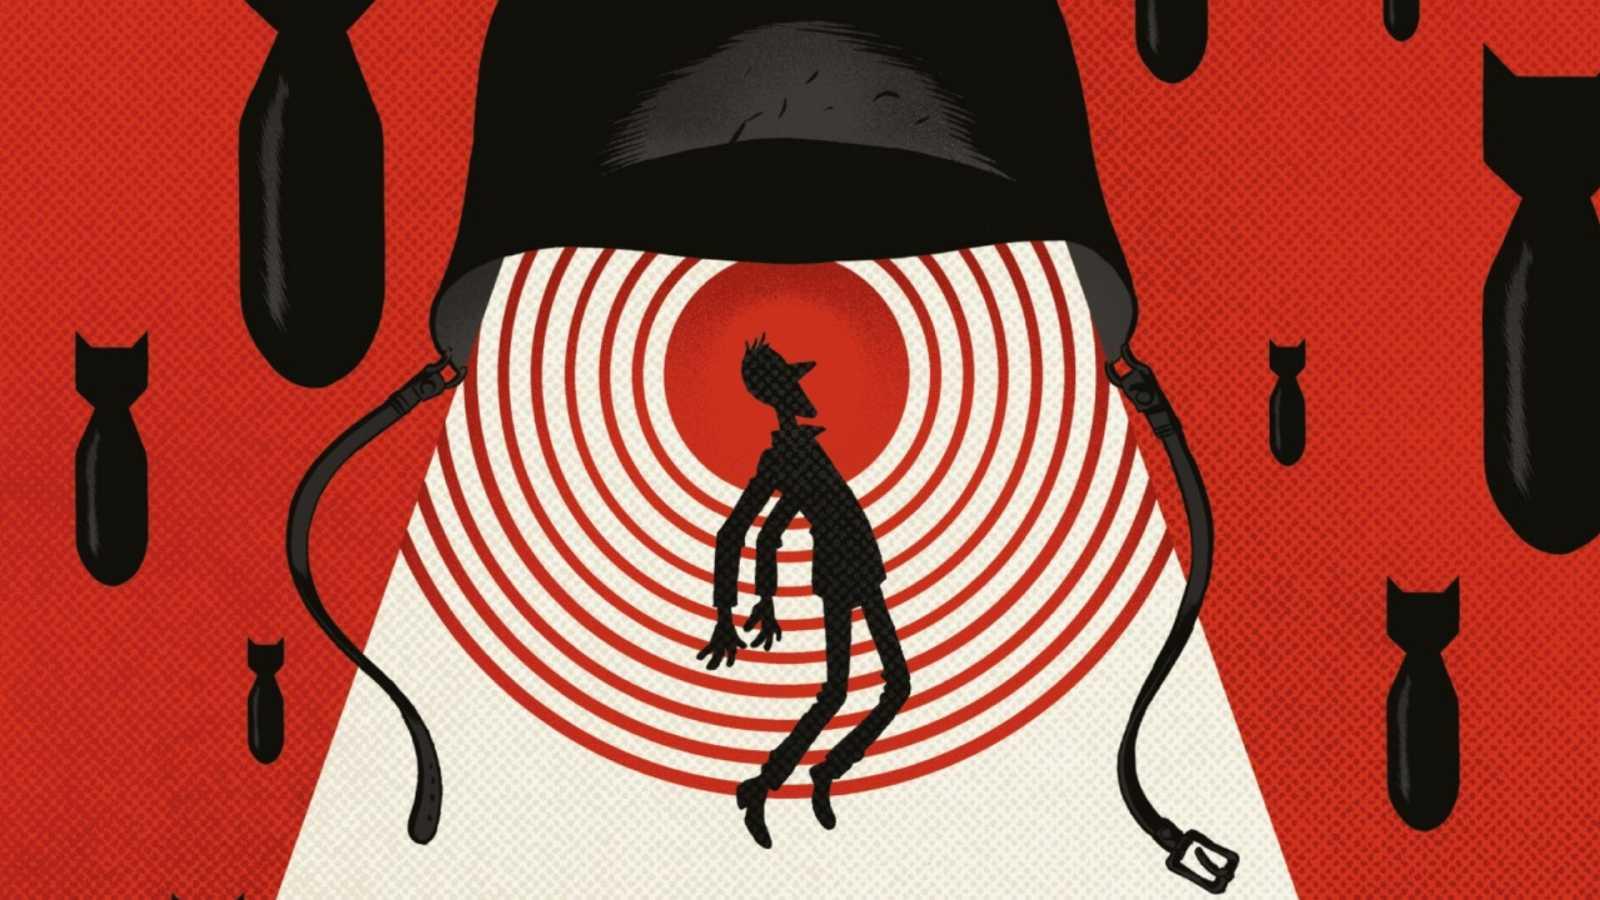 Hoy empieza todo con Marta Echeverría - 'Matadero 5' de K. Vonnegut y #LaIra de José Martret - 14/01/21 - escuchar ahora